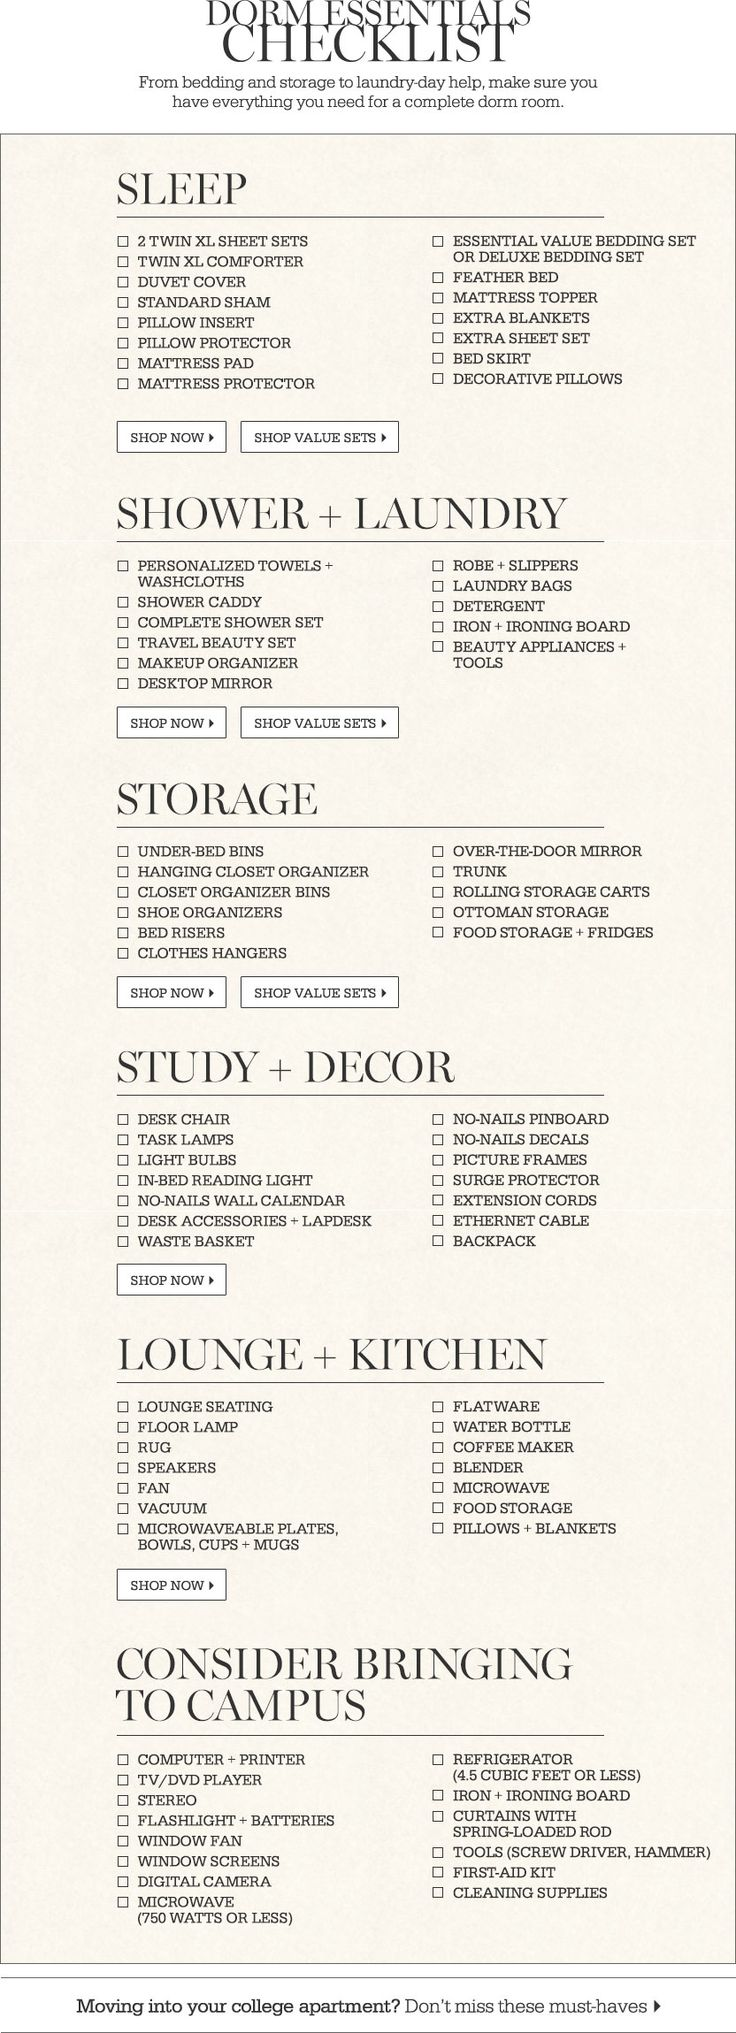 Dorm Essentials Checklist